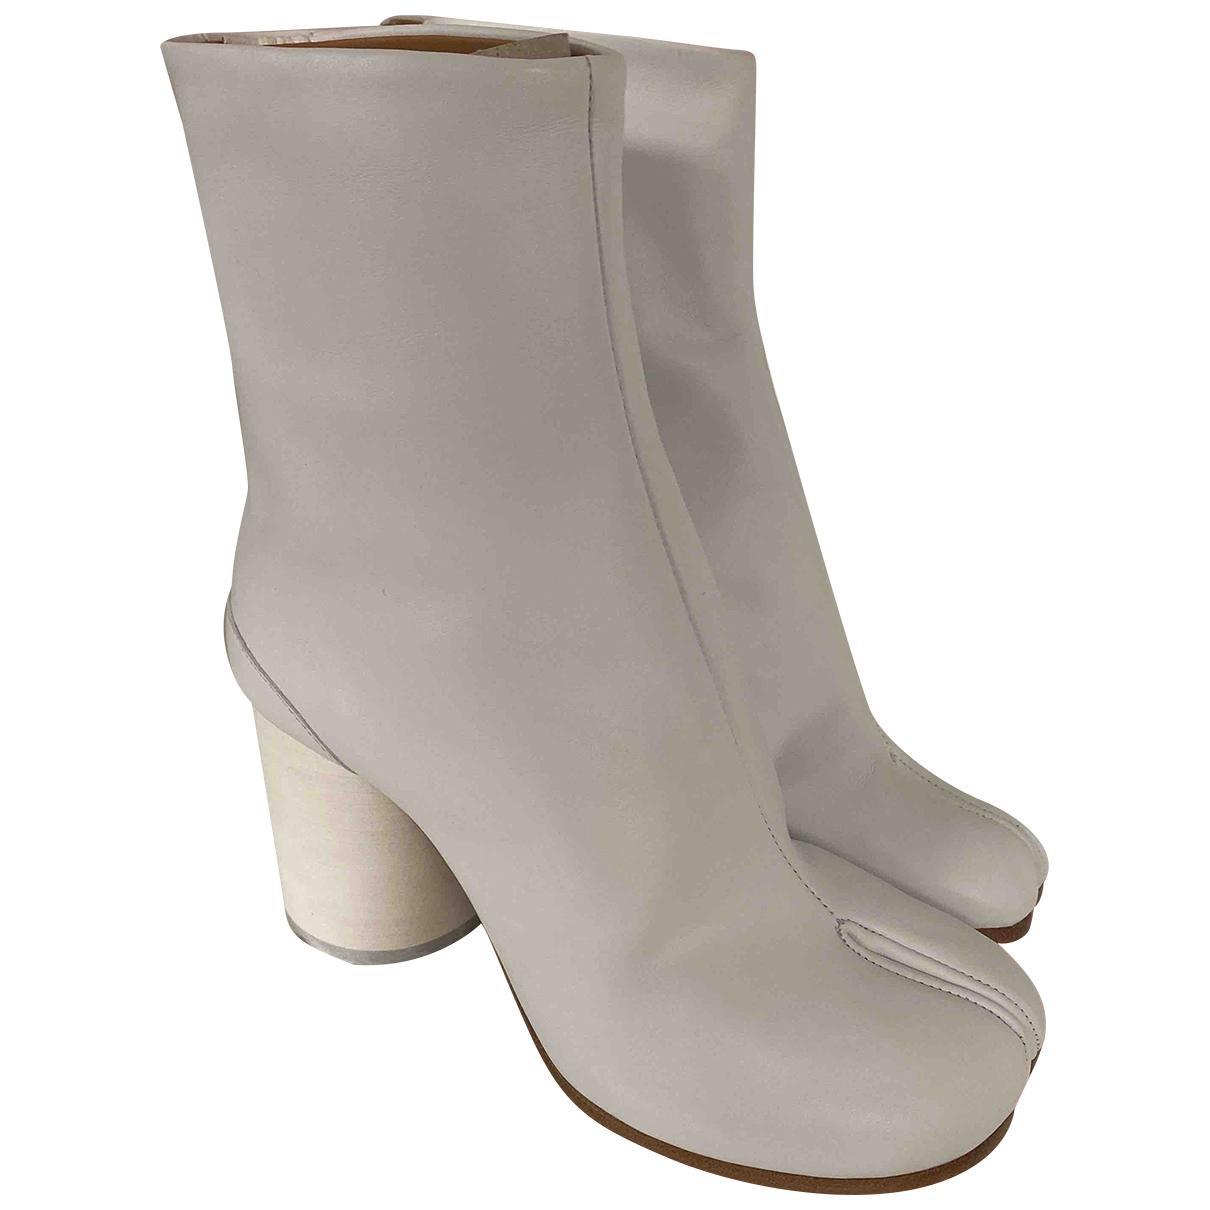 Maison Martin Margiela - Bottes Tabi pour femme en cuir - blanc